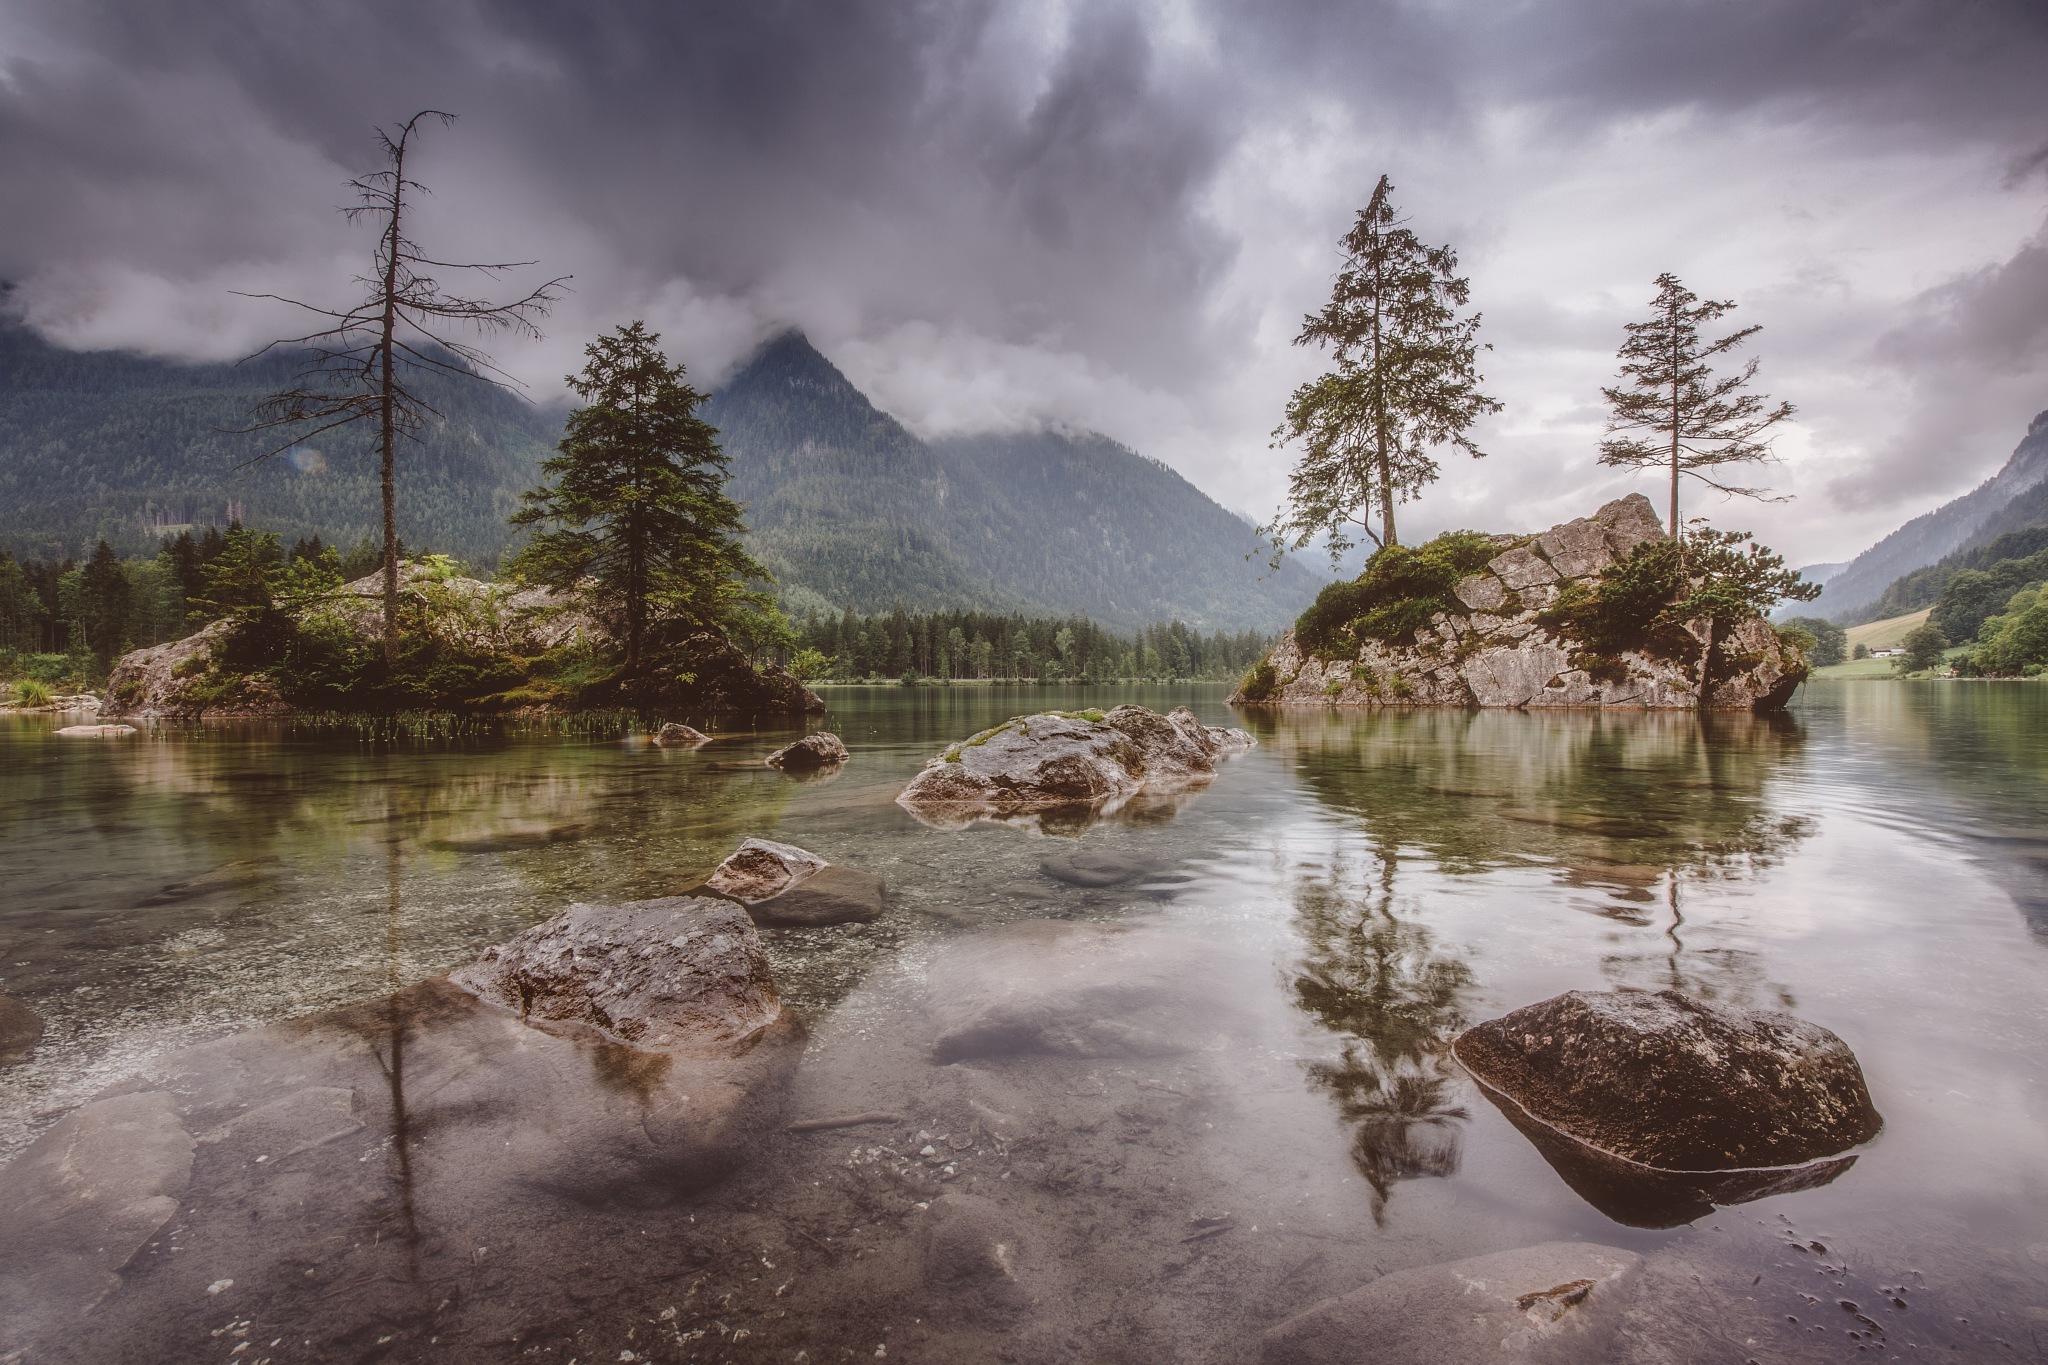 Der Regen kommt by Mirko Waltermann